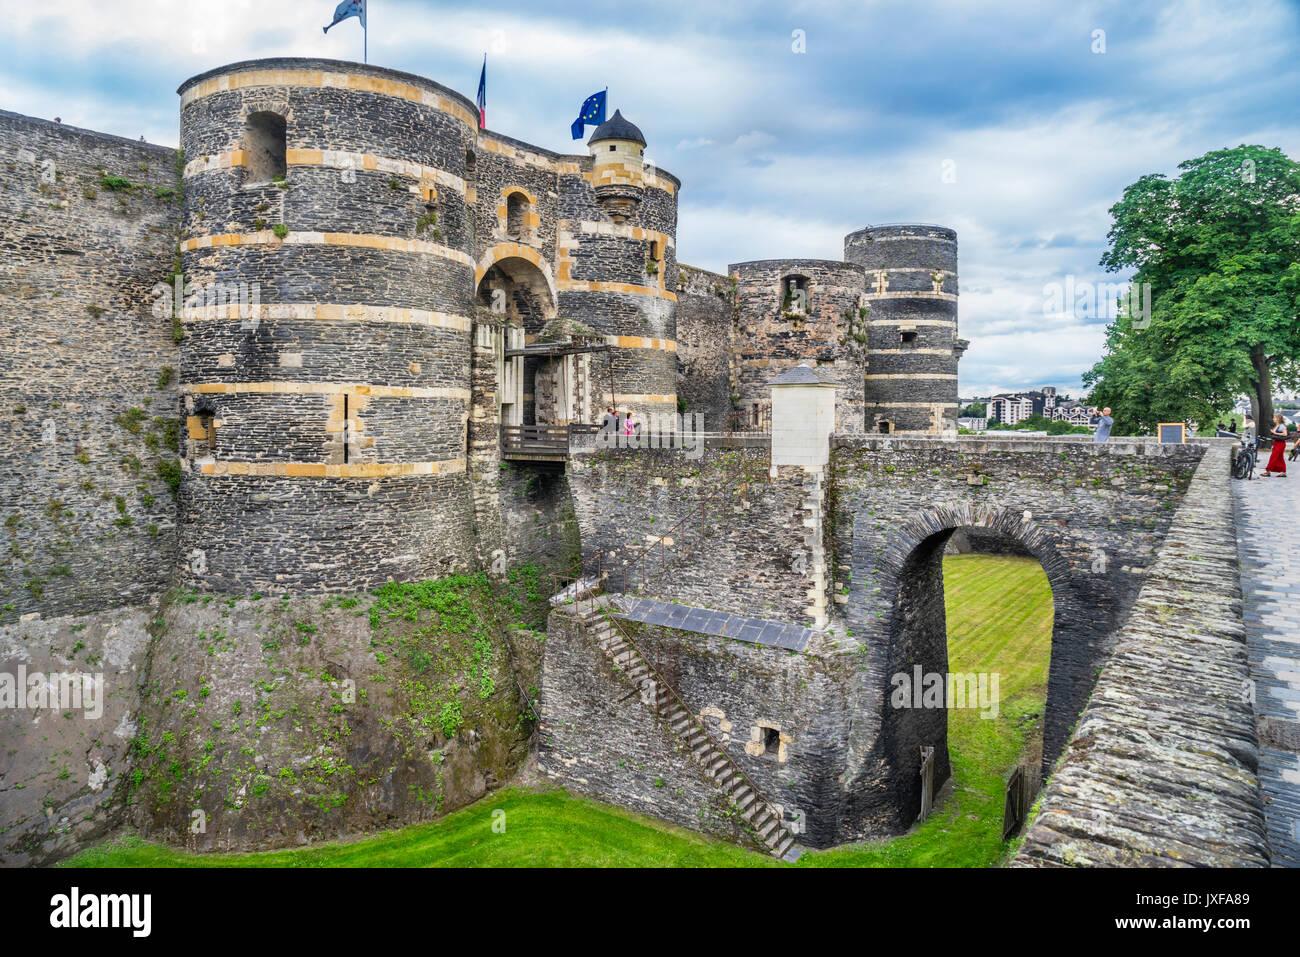 Francia Pays de la Loire, Angers, il cancello principale di Château d'Angers Immagini Stock